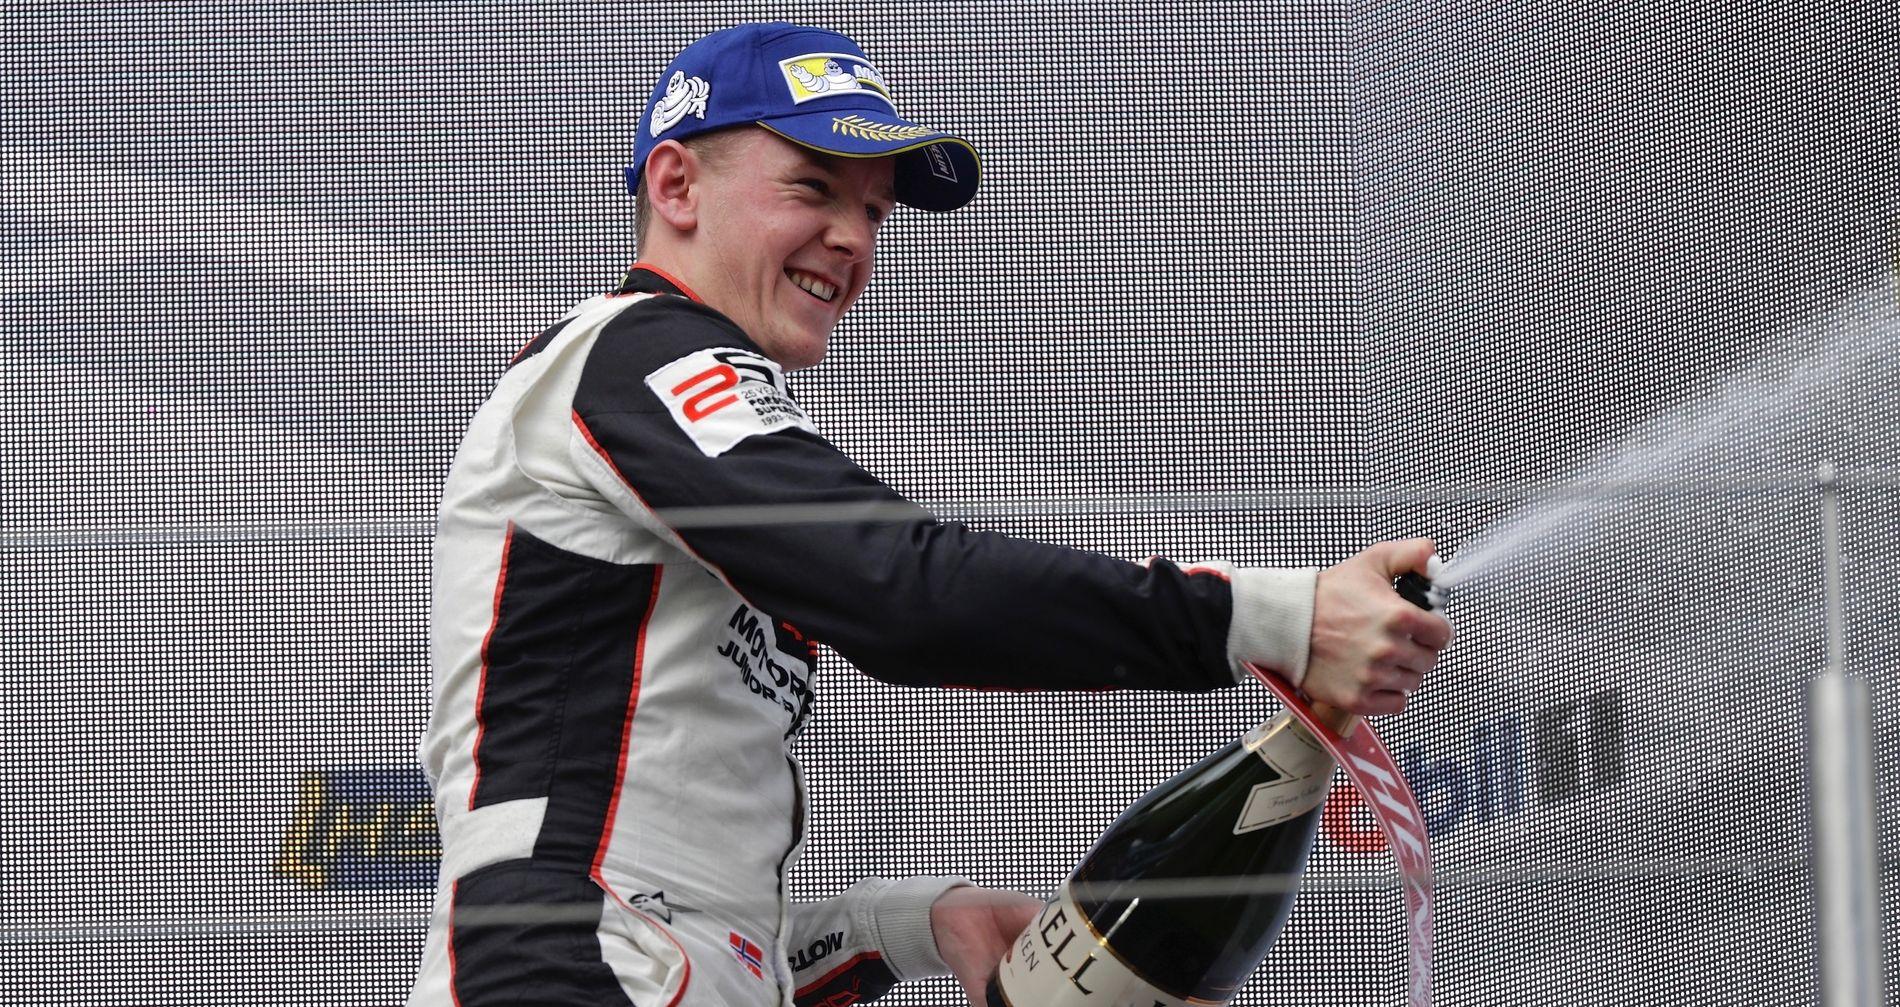 SUKSESS: 2017 har vært et drømmeår for Dennis Olsen, som vant det tyske Porsche-mesterskapet og ble nummer to i den såkalte Porsche Supercup.